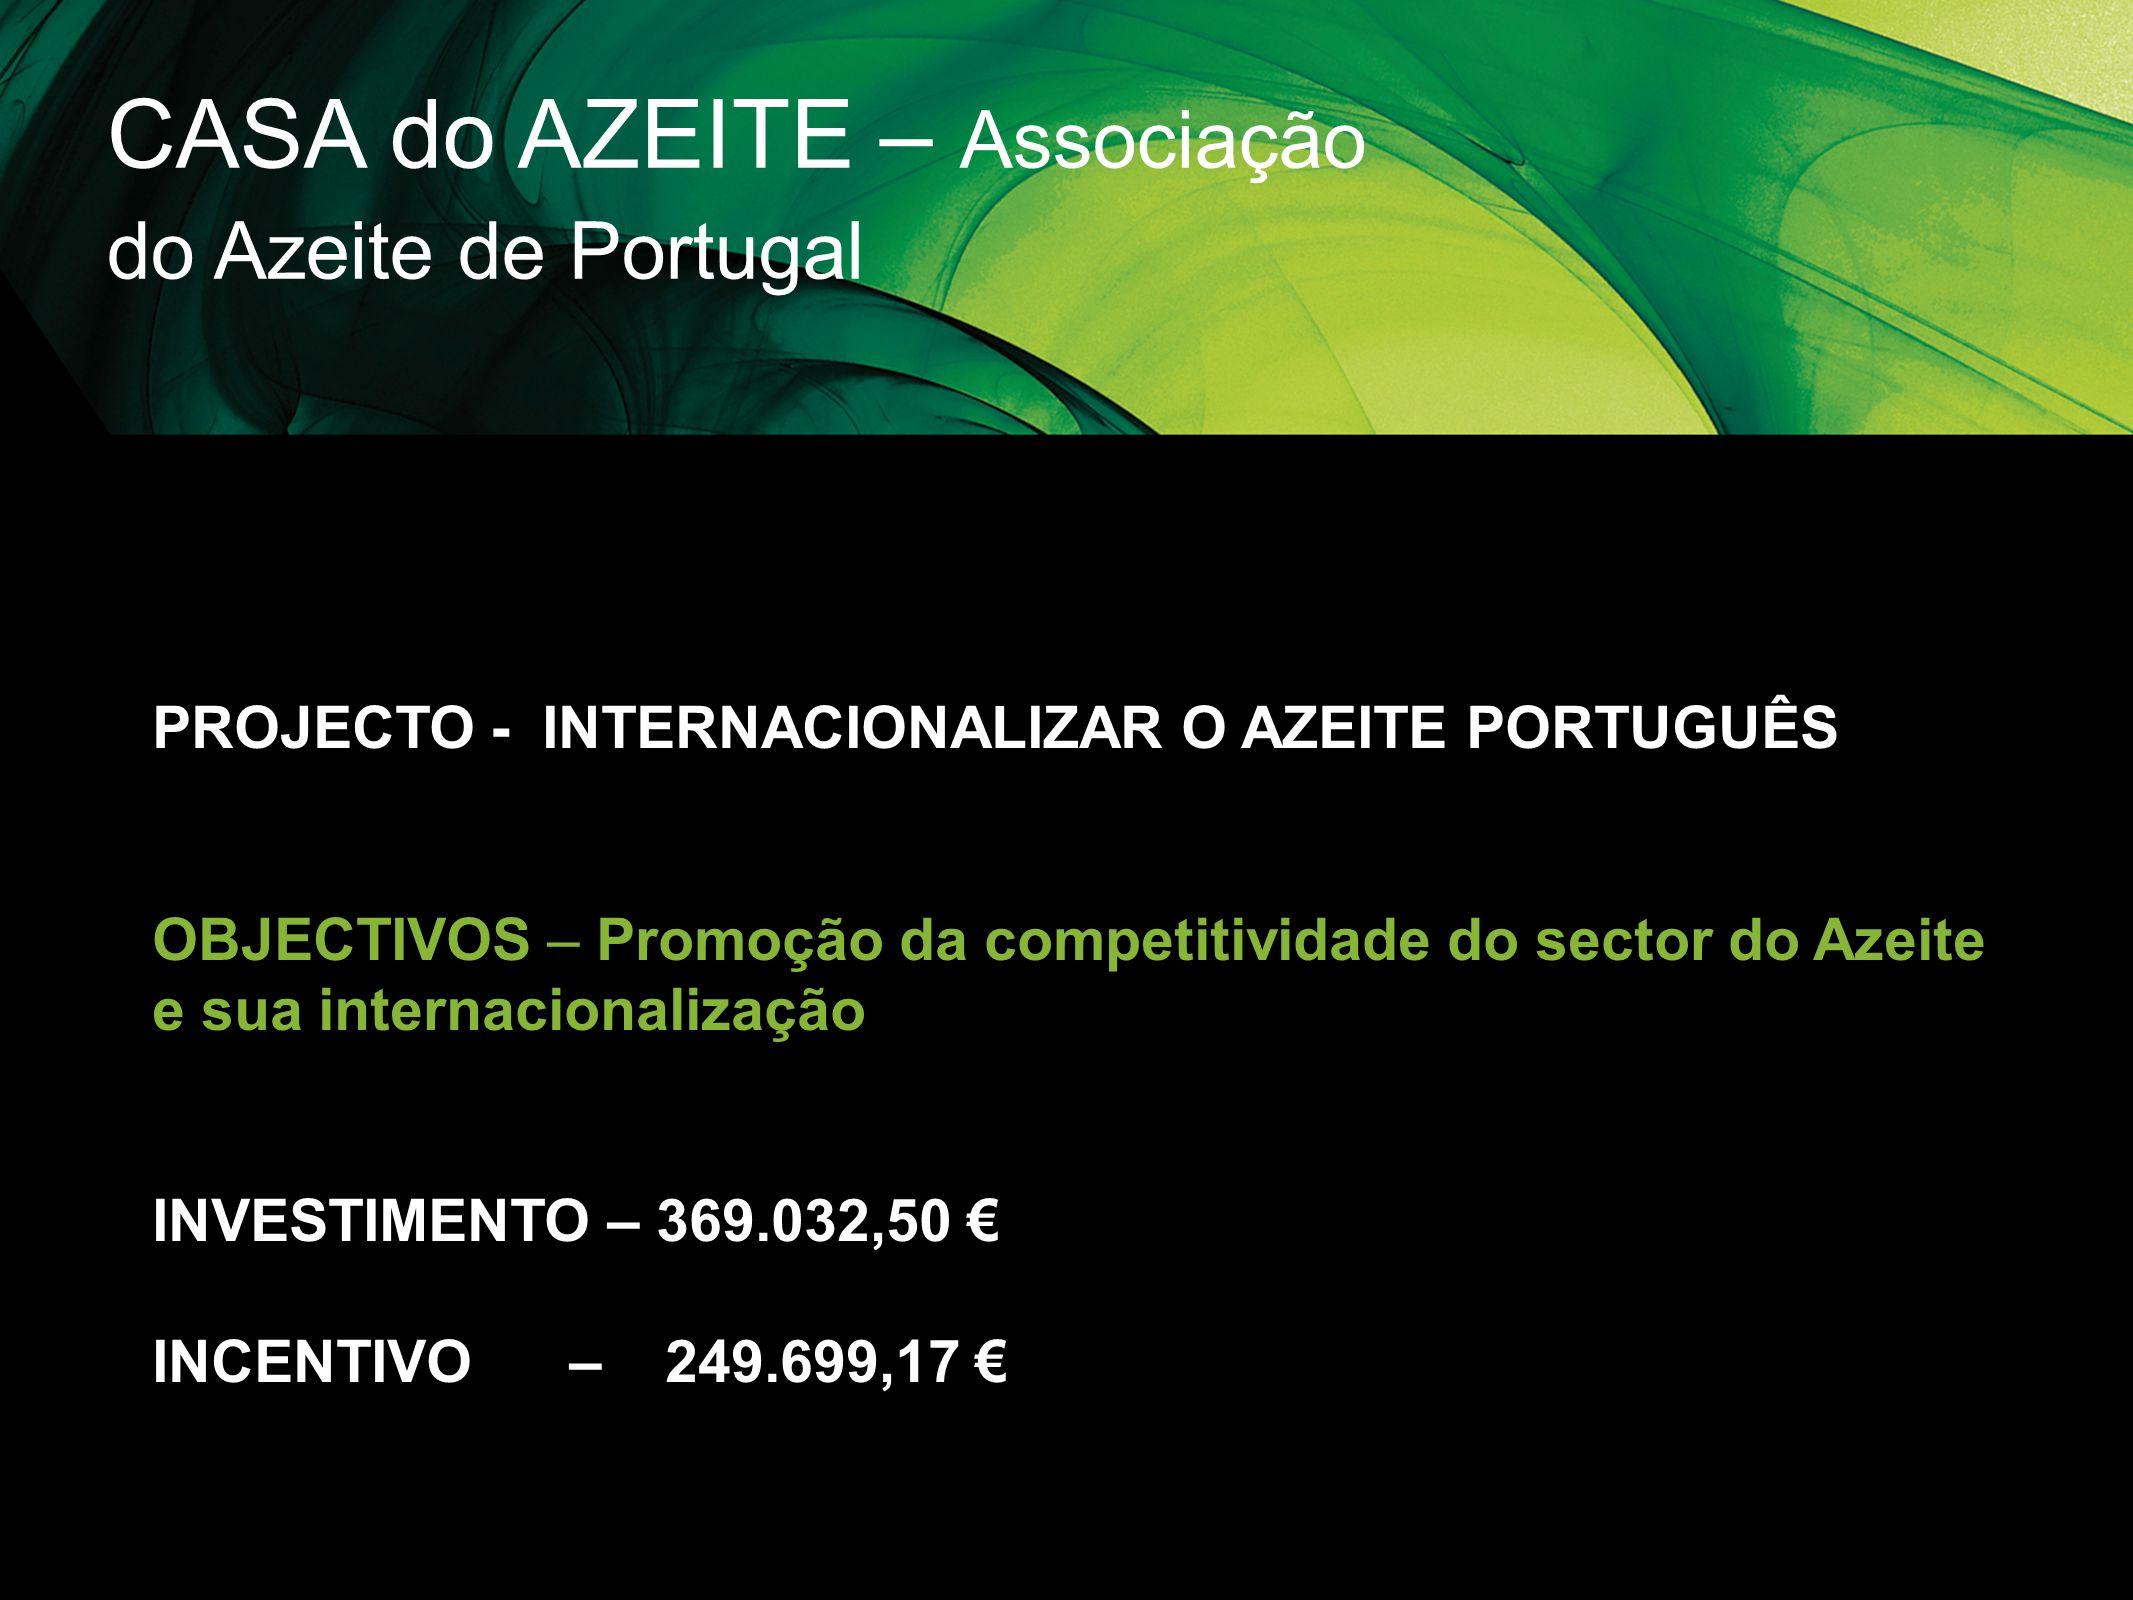 CASA do AZEITE – Associação do Azeite de Portugal